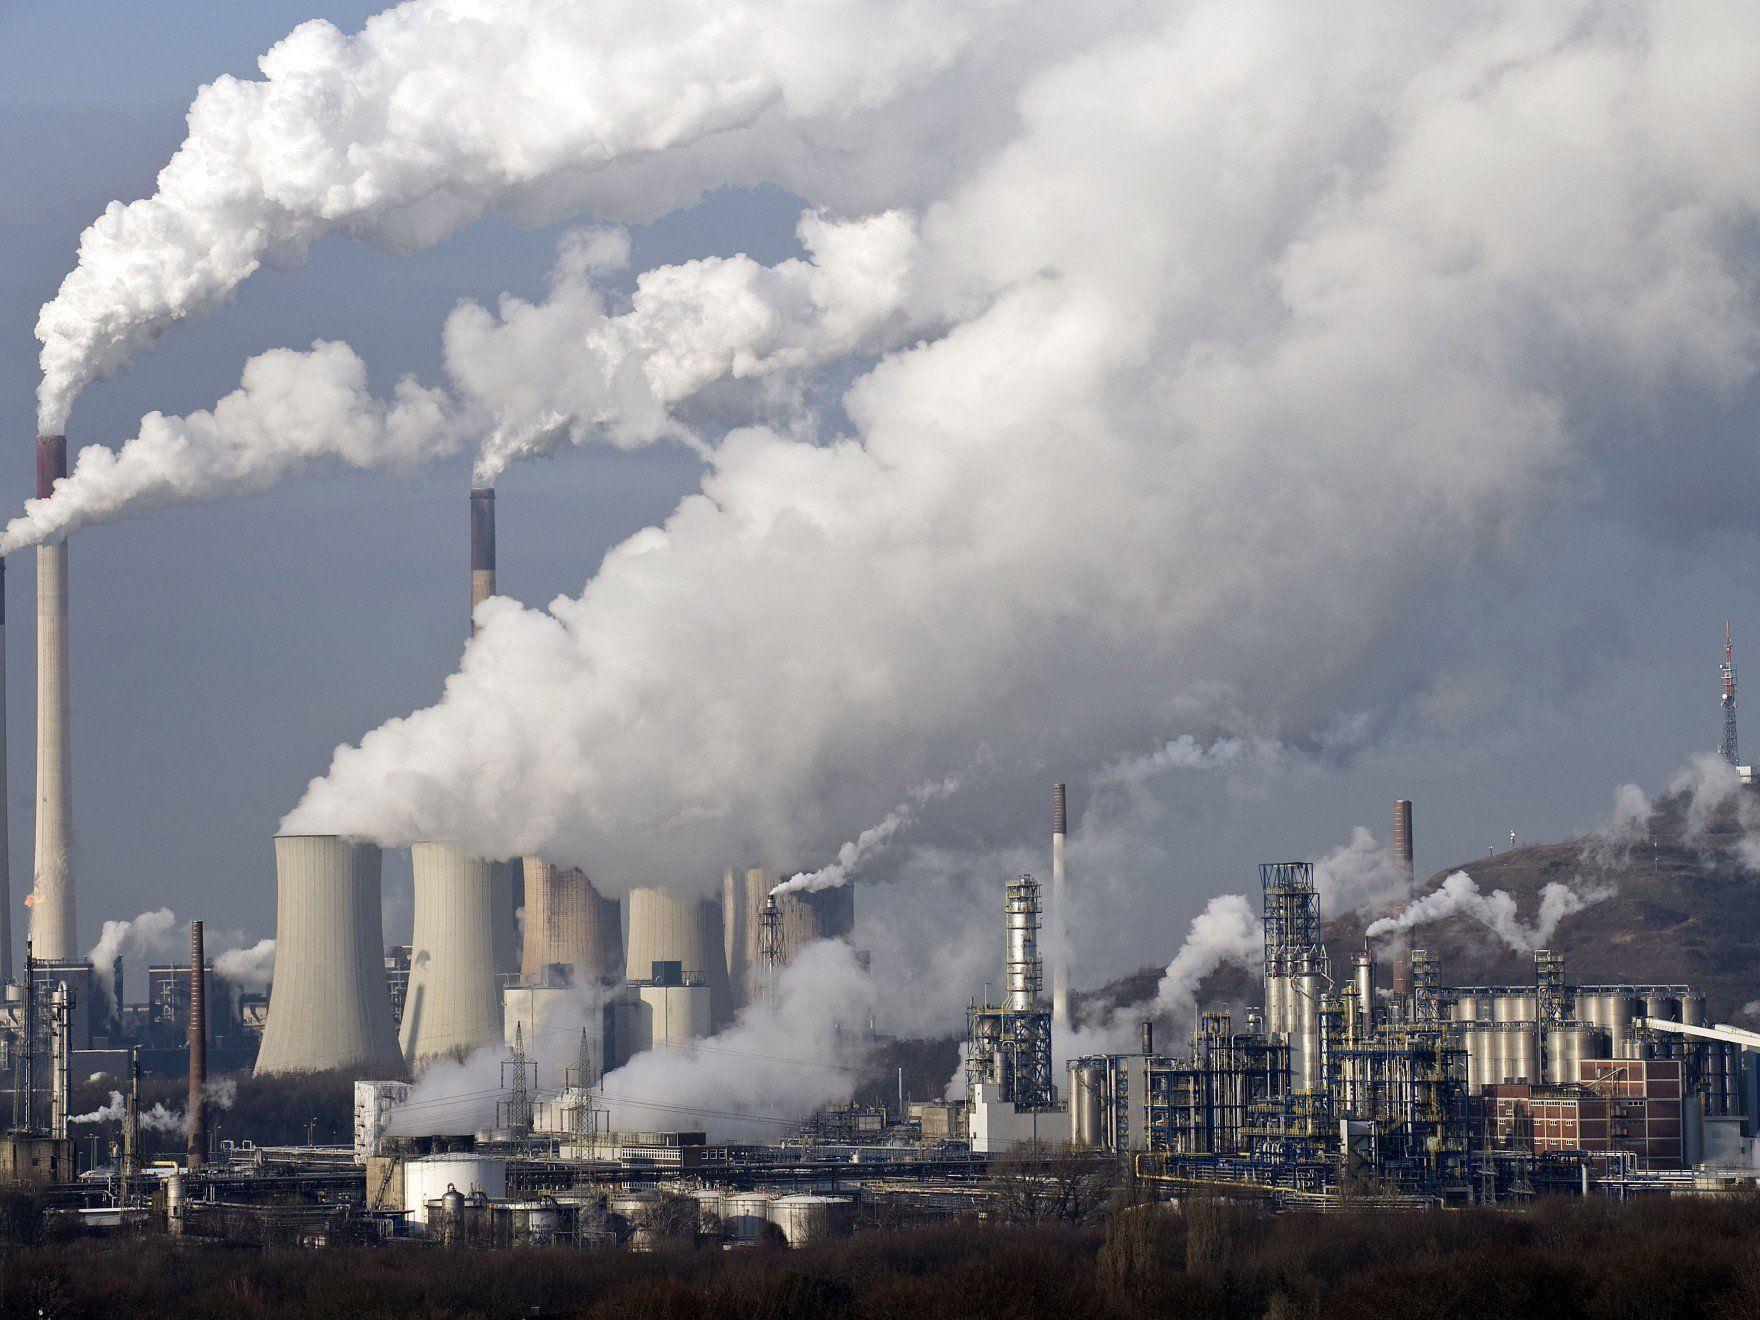 Der neue Klimabericht macht erneut deutlich, dass eine Reduzierung der Emission unbedingt notwendig ist.